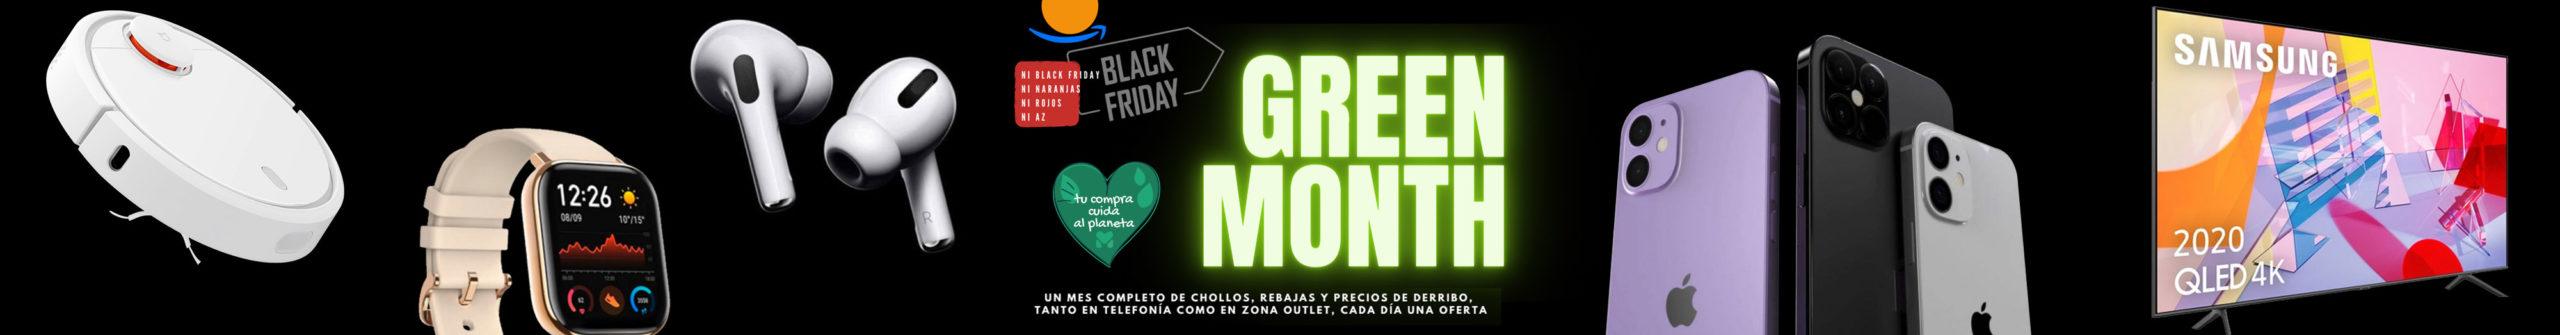 green Month, moviles reacondicionados